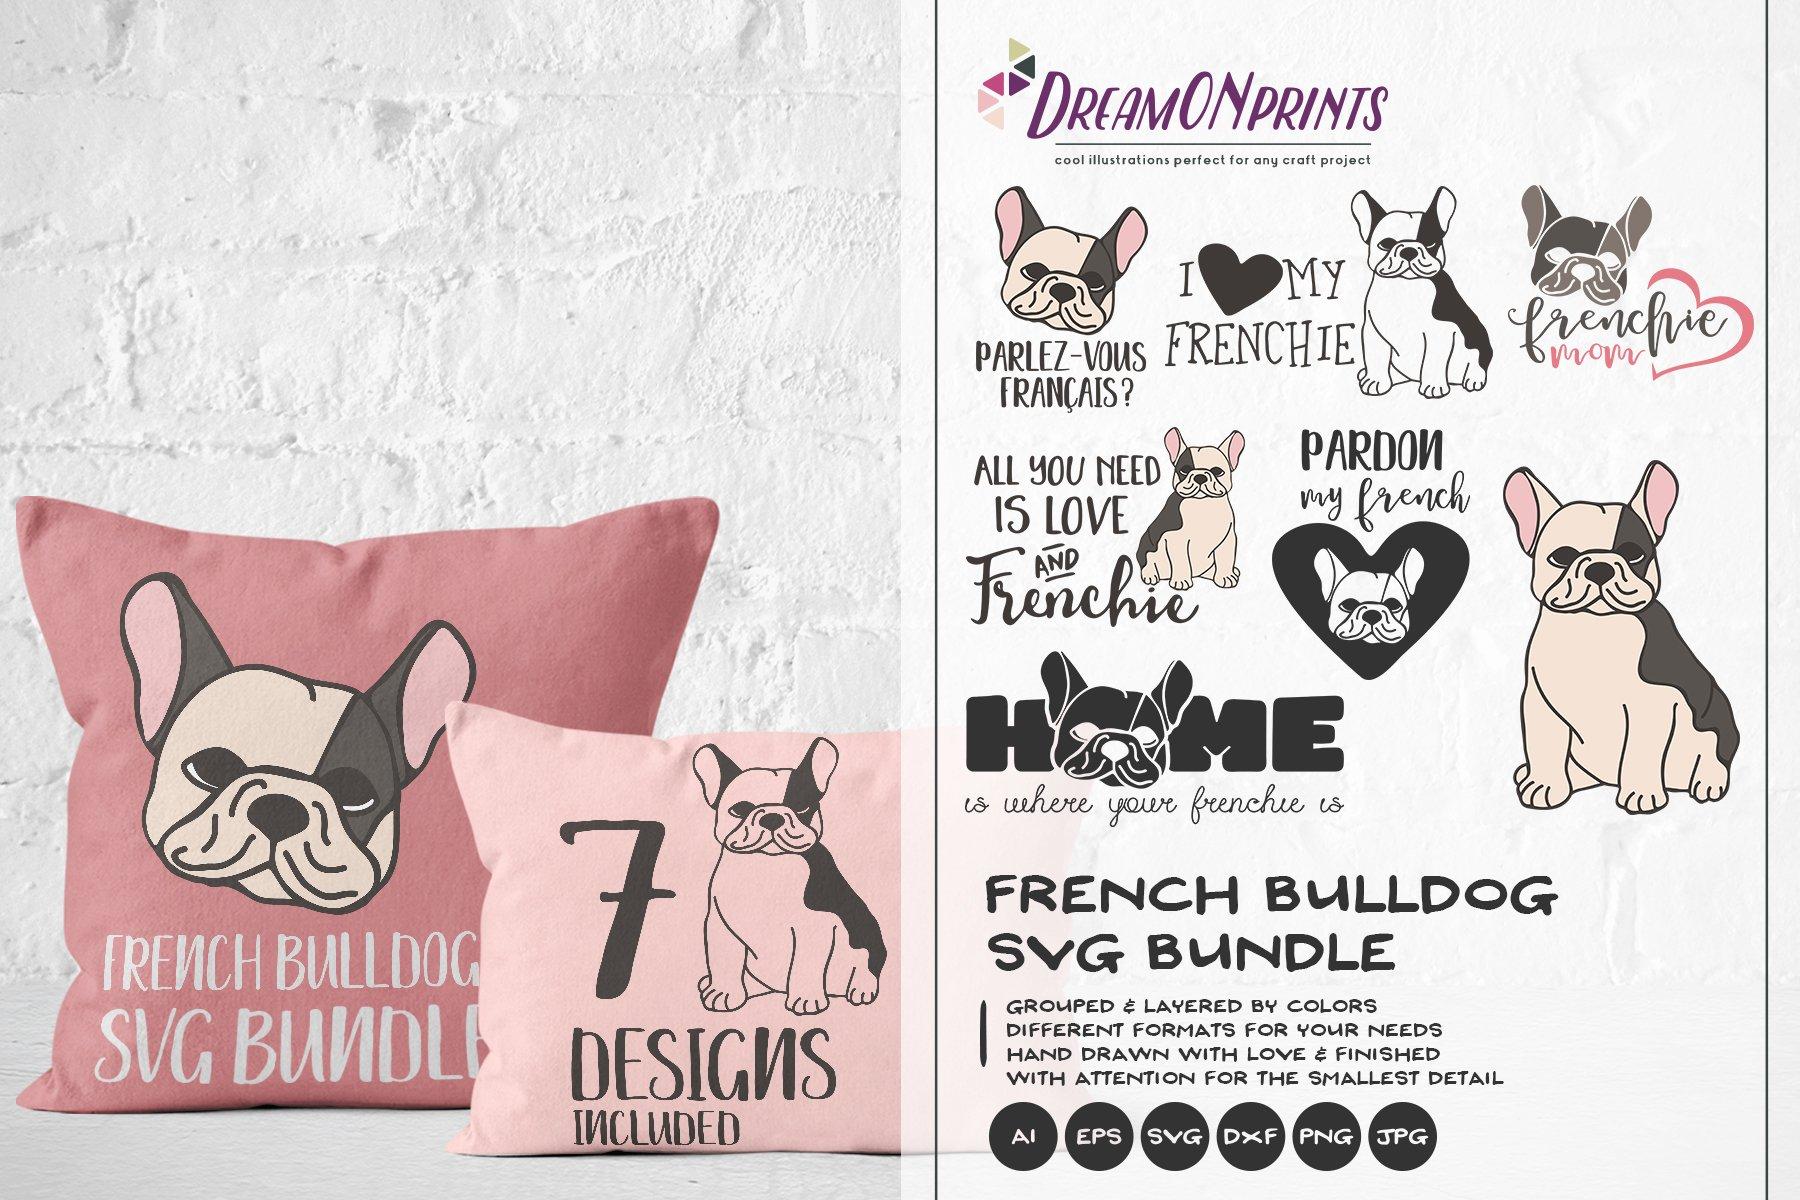 The Frenchie Svg Bundle Vector French Bulldog Bundle Svg 193165 Illustrations Design Bundles